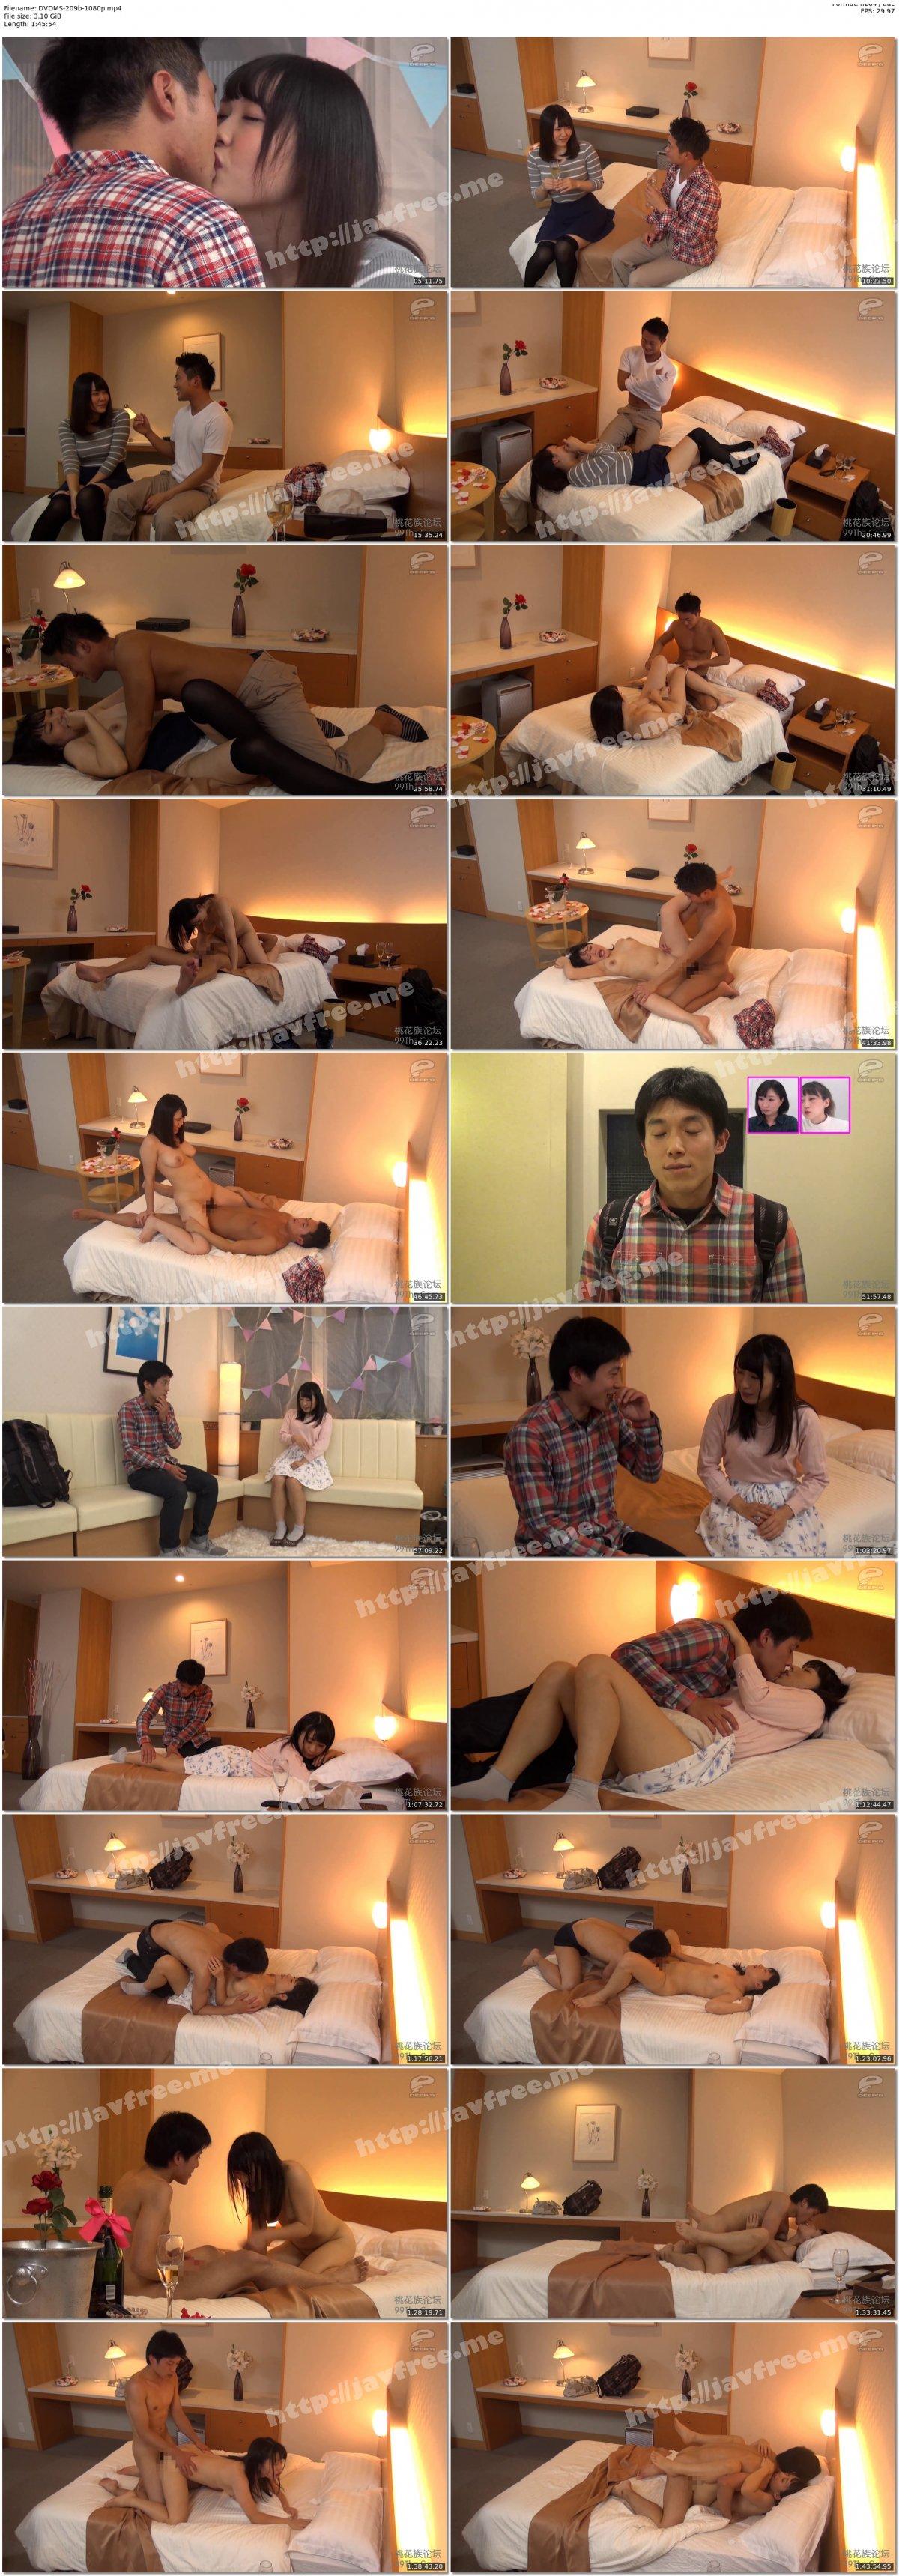 [HD][DVDMS-209] 一般男女モニタリングAV 素人女子大生限定!恋人がいない大学生の男女はキスだけで恋に落ちて初対面の相手とSEXしてしまうのか?惹かれあった2人のキスまみれの完全プライベートSEXを大公開!! - image DVDMS-209b-1080p on https://javfree.me